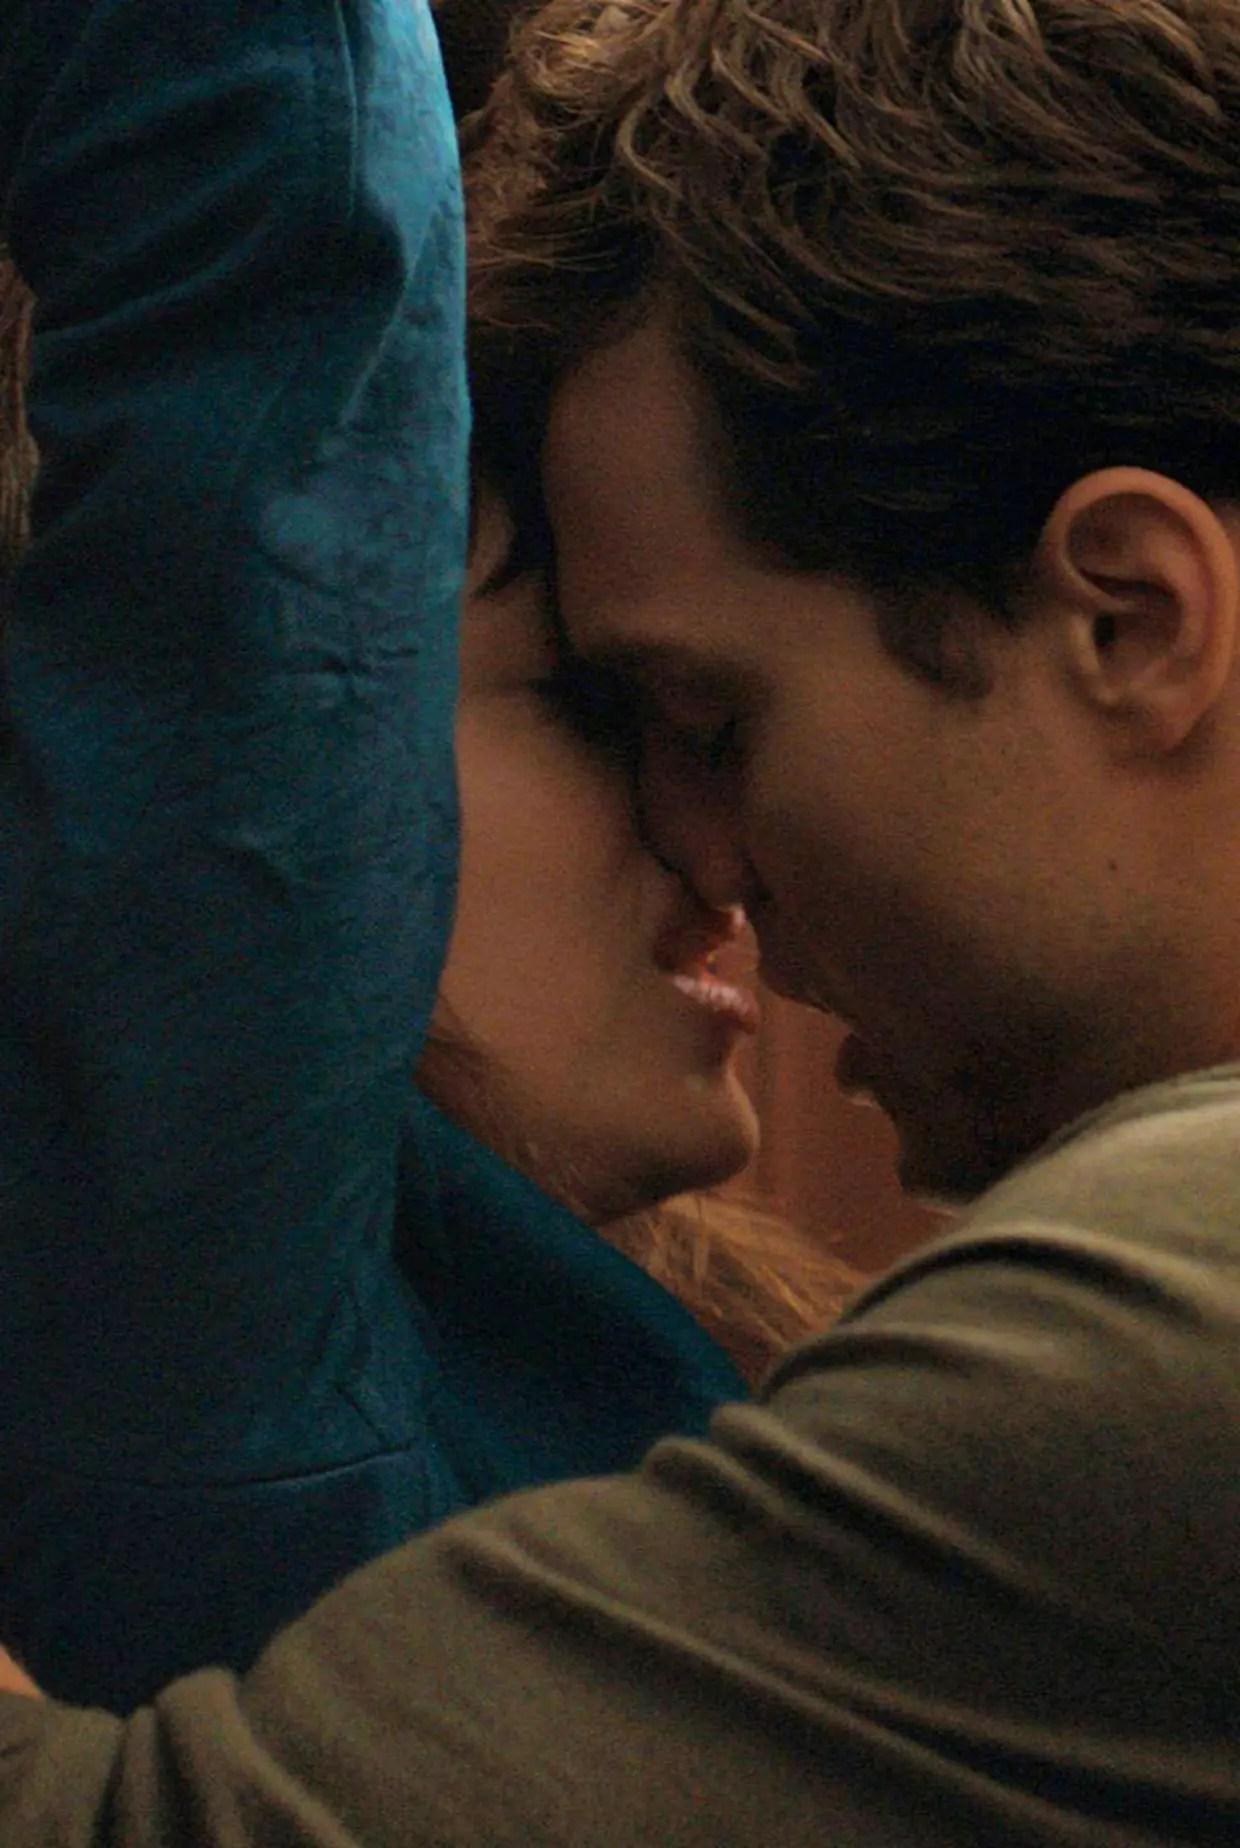 Le top 15 des scènes les plus hot du cinéma - Le Point